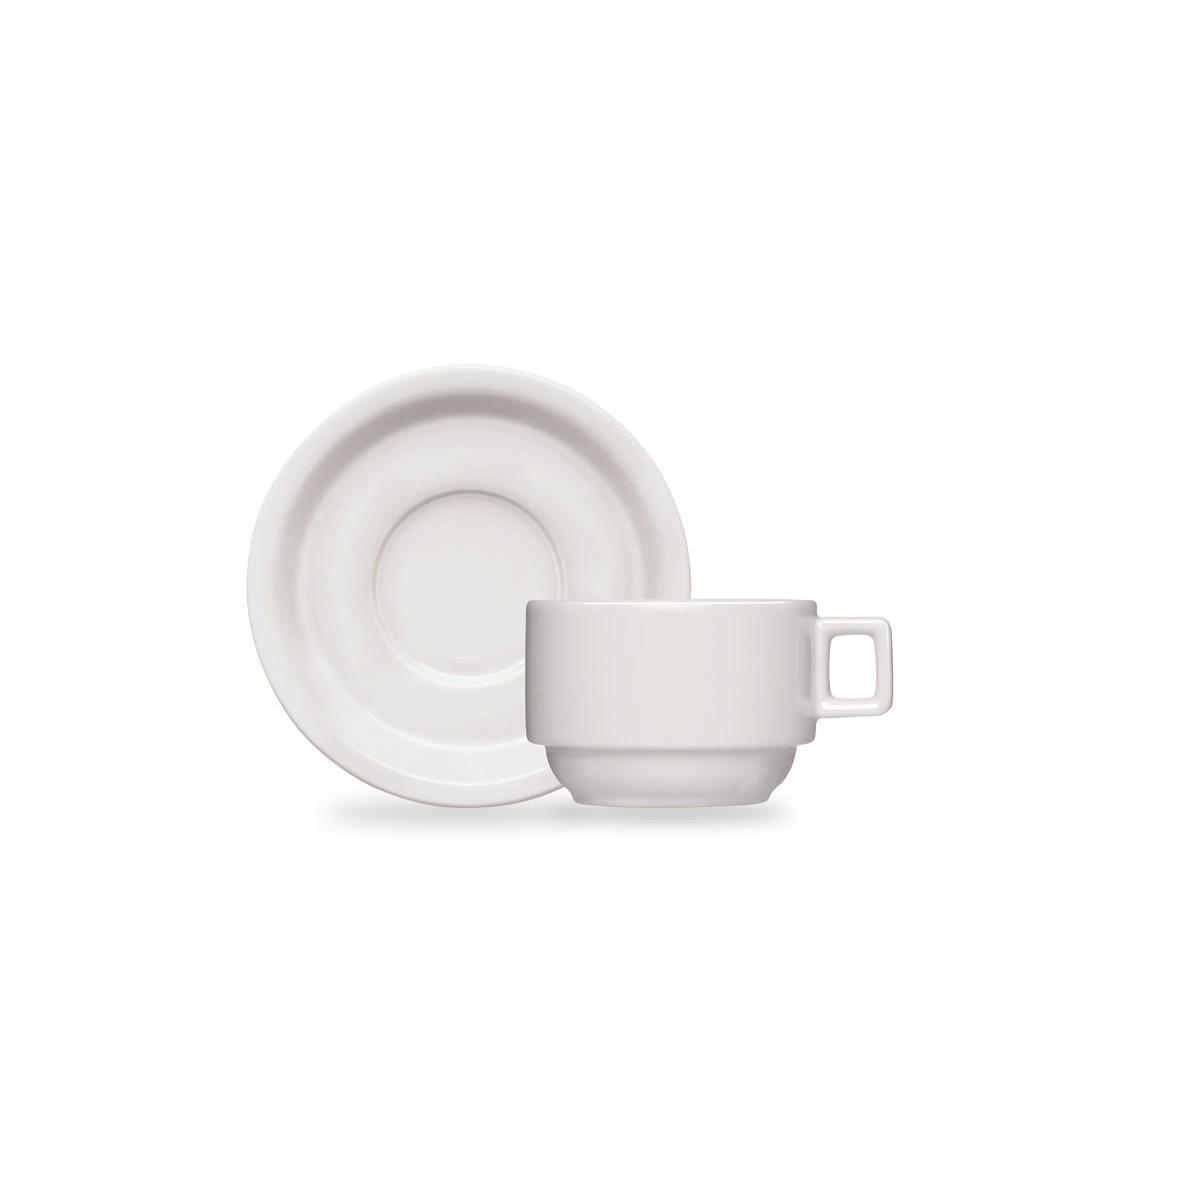 Xicara de Cafe BarHotel de Porcelana 100ml com Pires - Germer